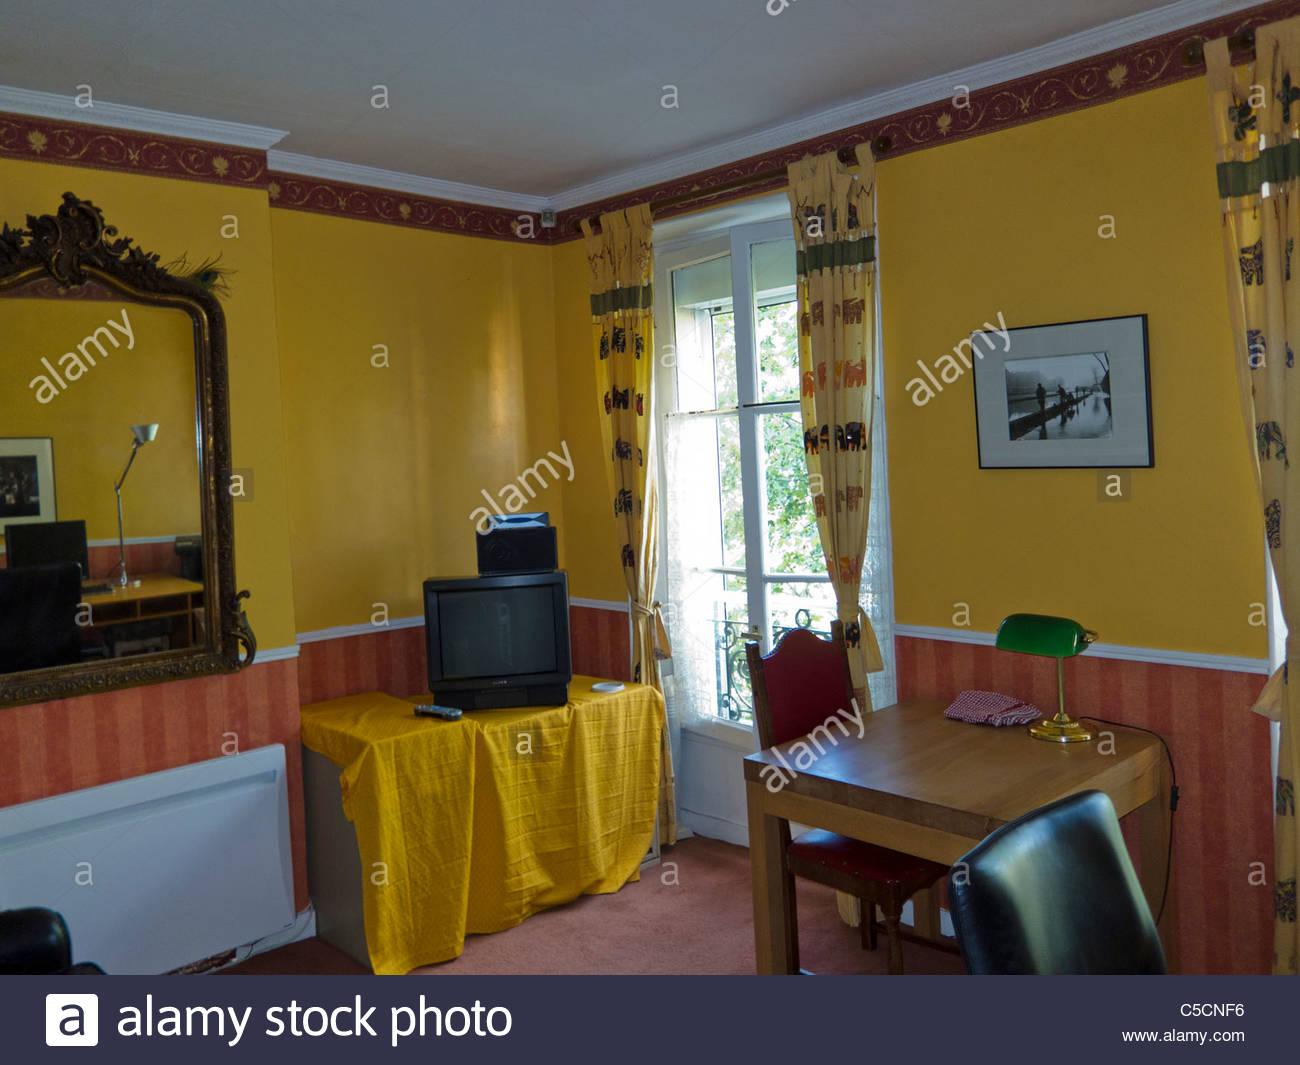 Paris, Frankreich, Ferienwohnungen Und Ferienhäuser Auf Internet, Wohnung  Inneneinrichtung, Wohnzimmer Studio